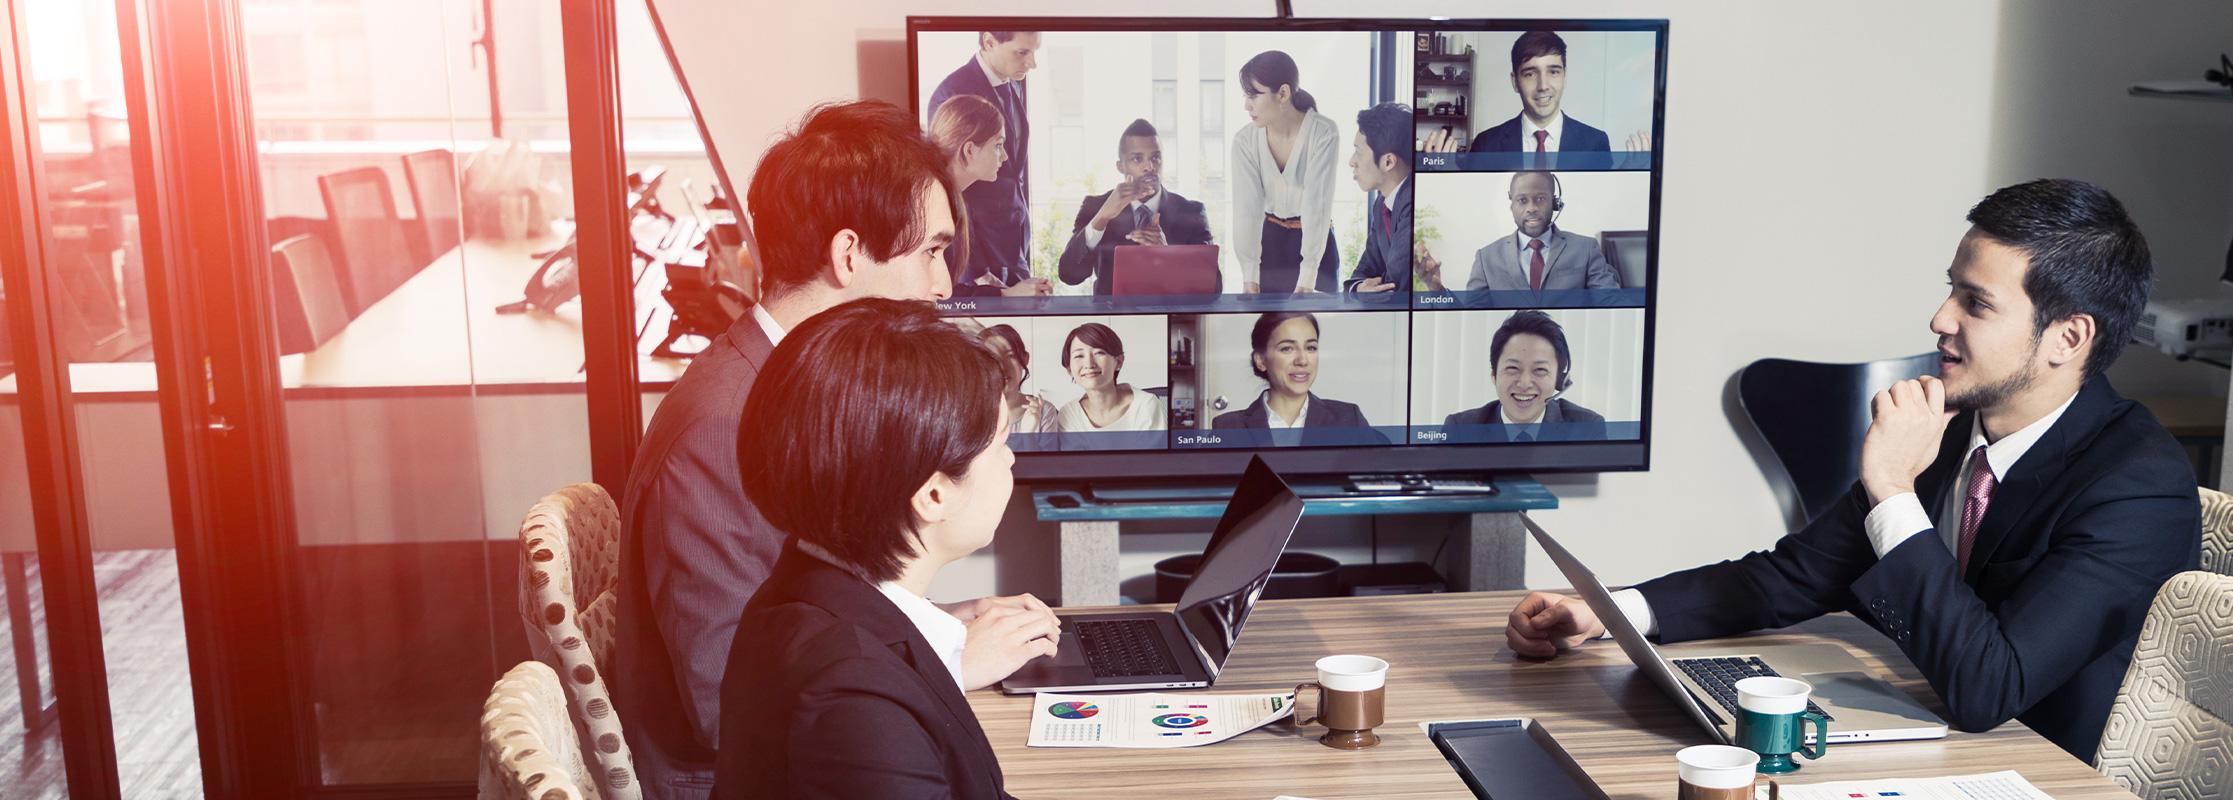 International Manager nehmen an einer Videokonferenz teil